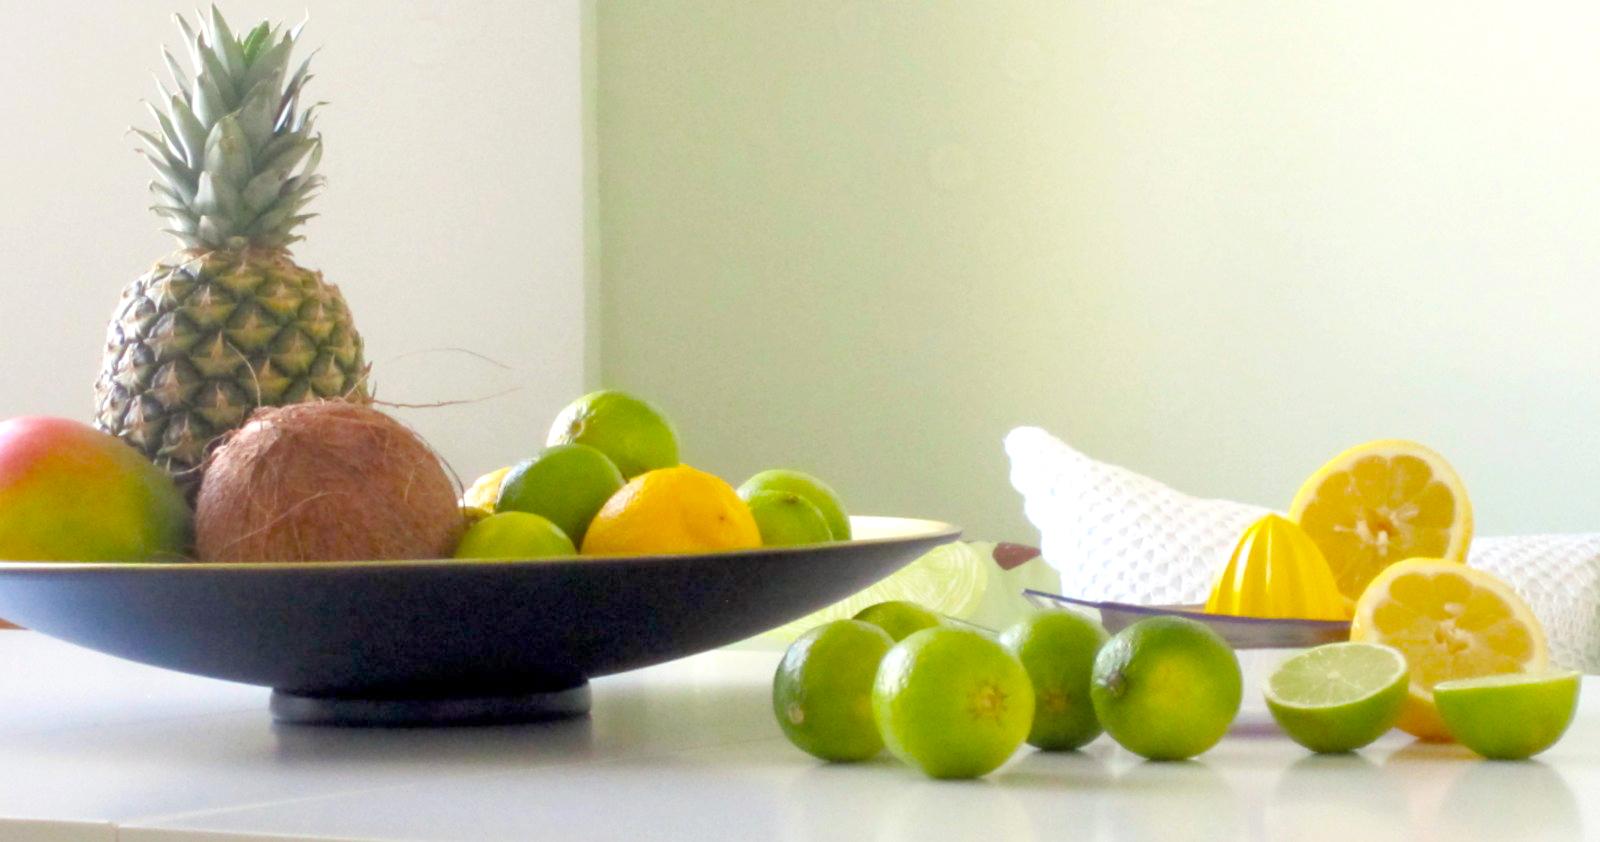 Ruokailutilan muutos - vihreää ja keltaista